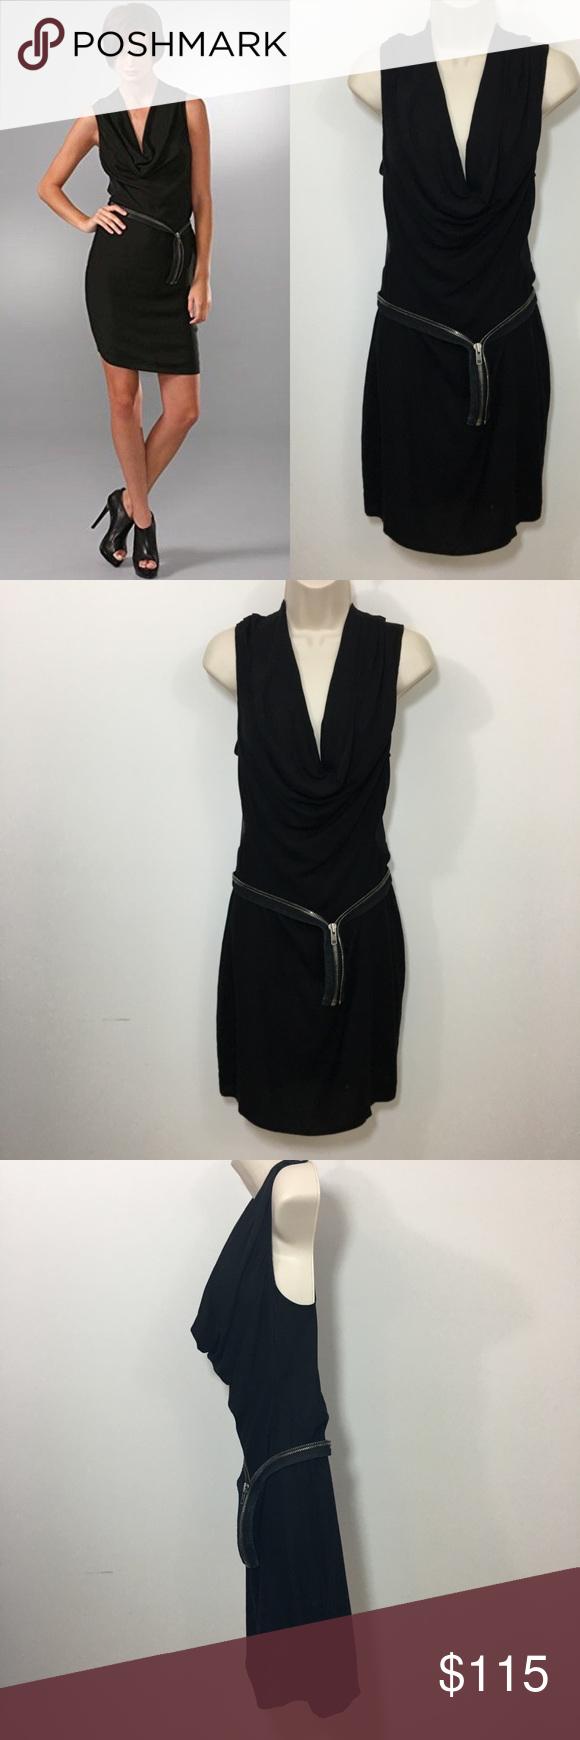 Helmut lang zipper dress cowl